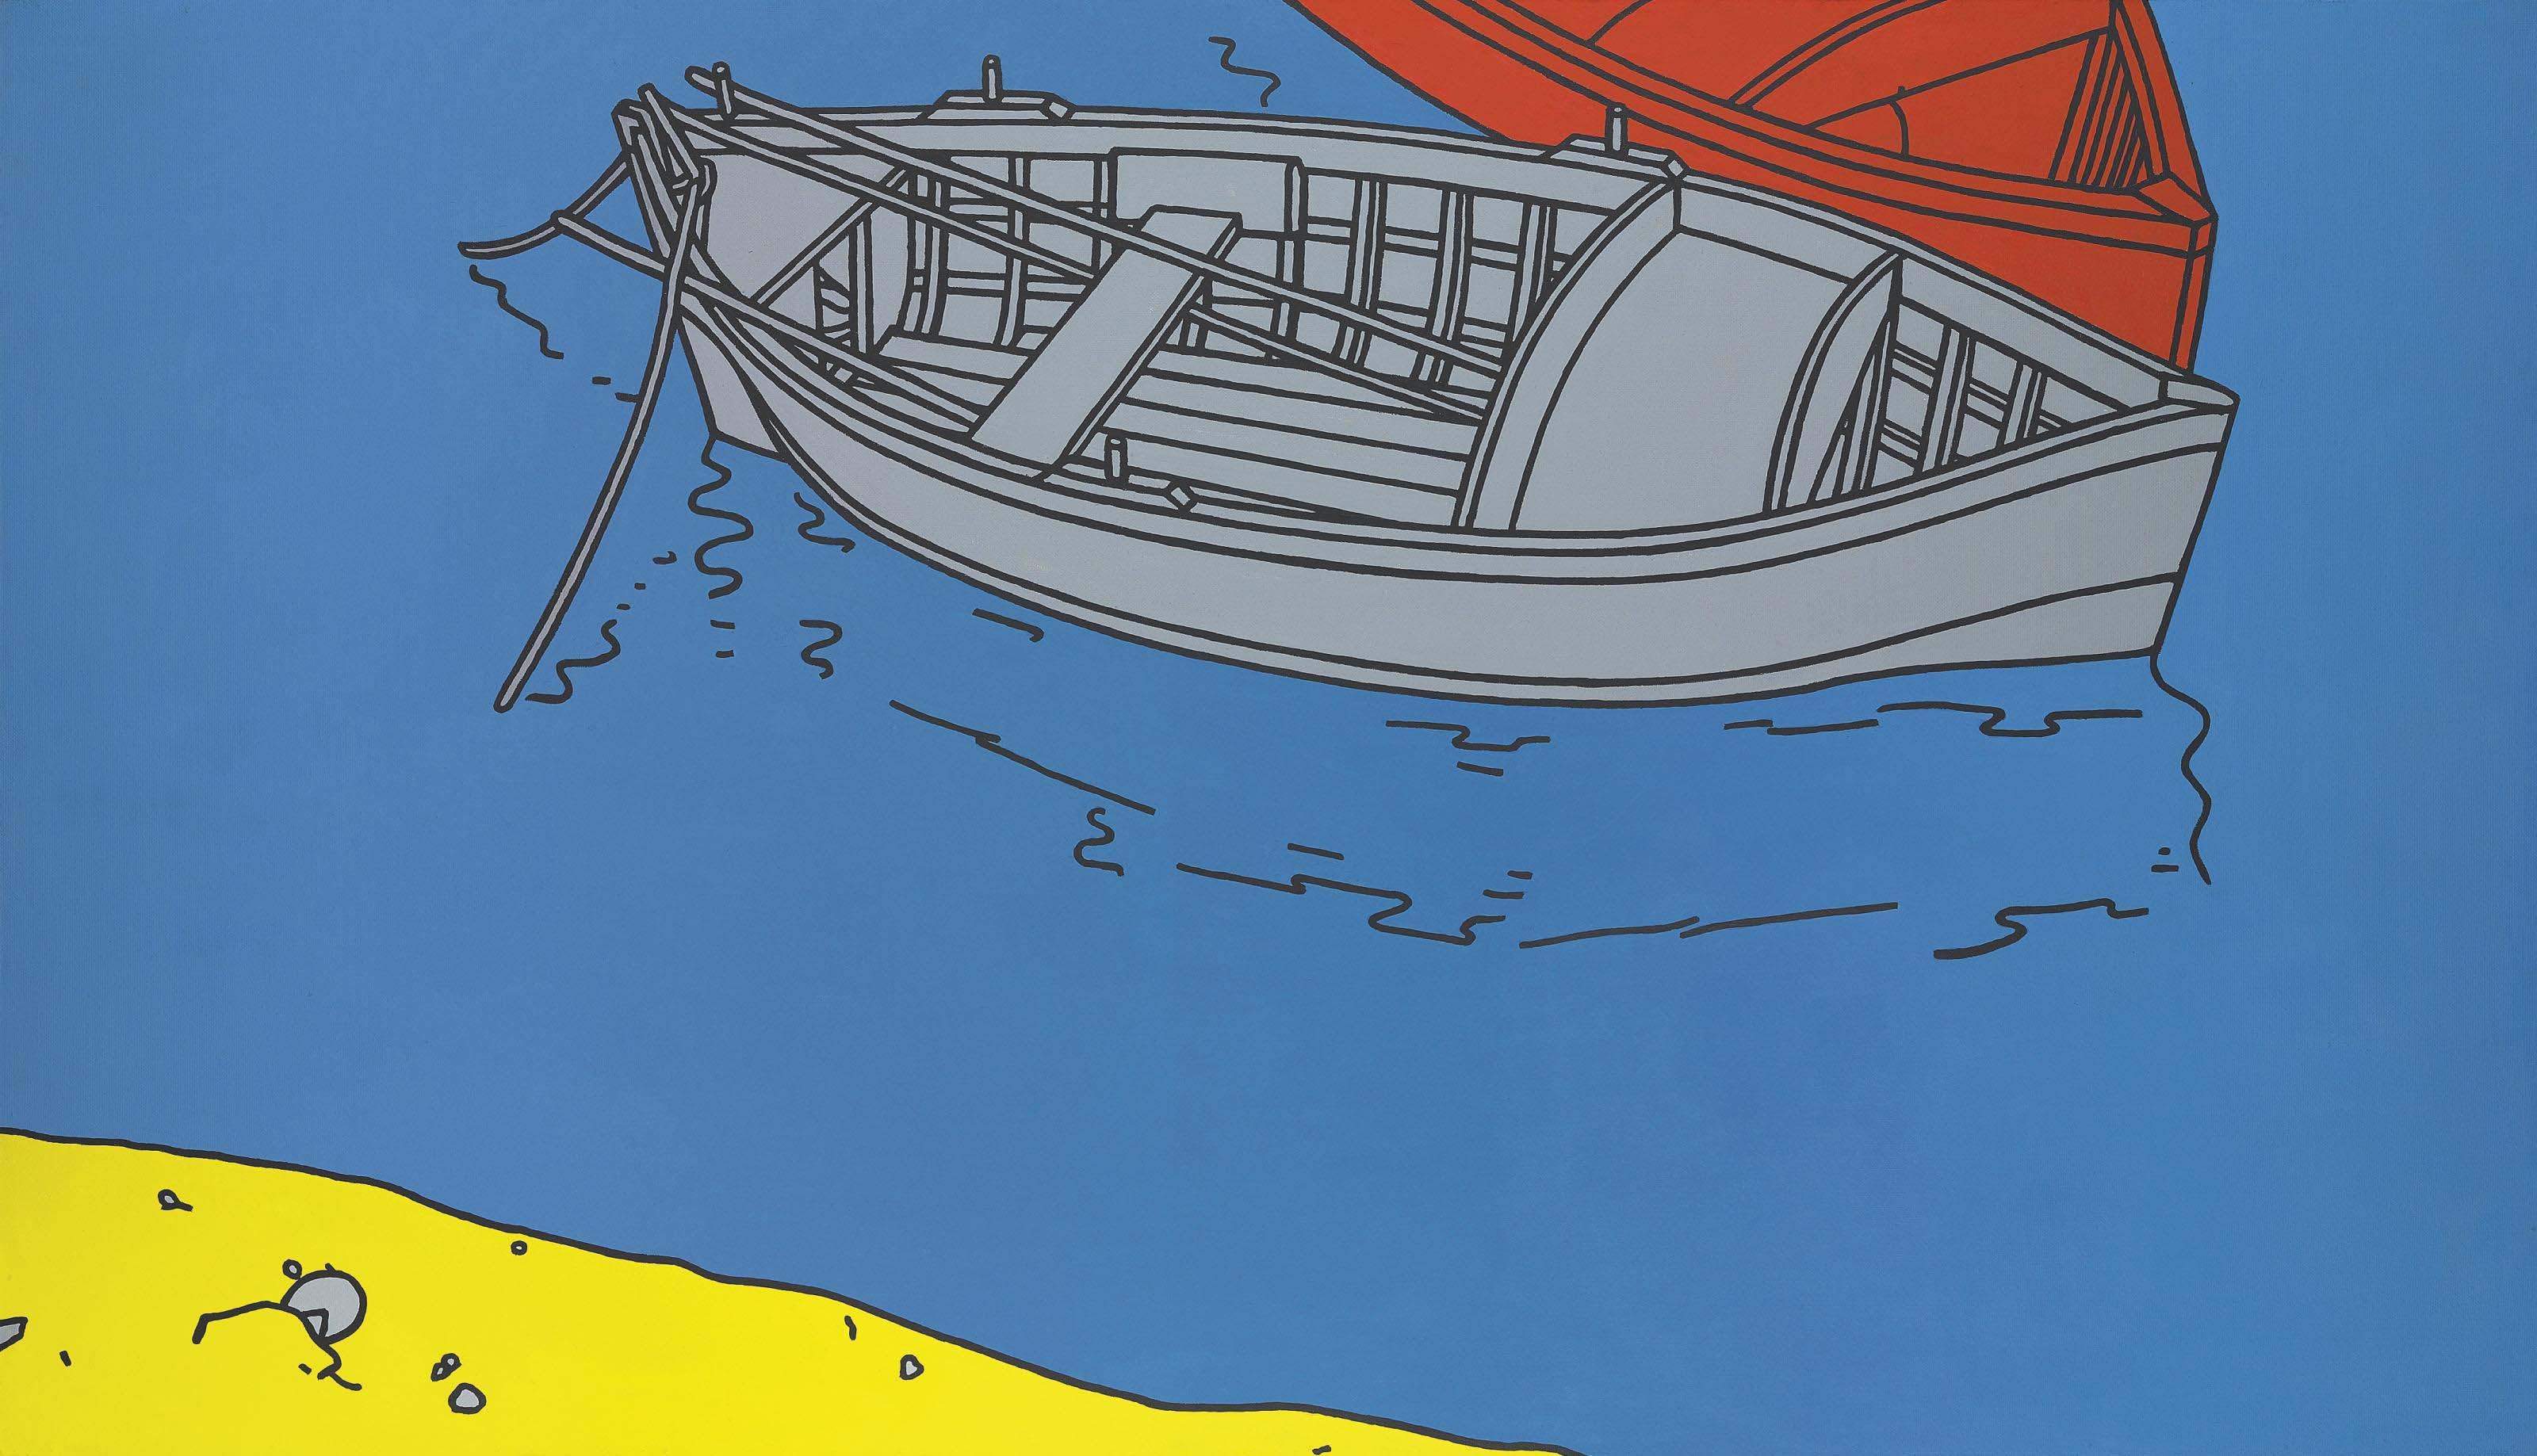 Boats at Brindisi